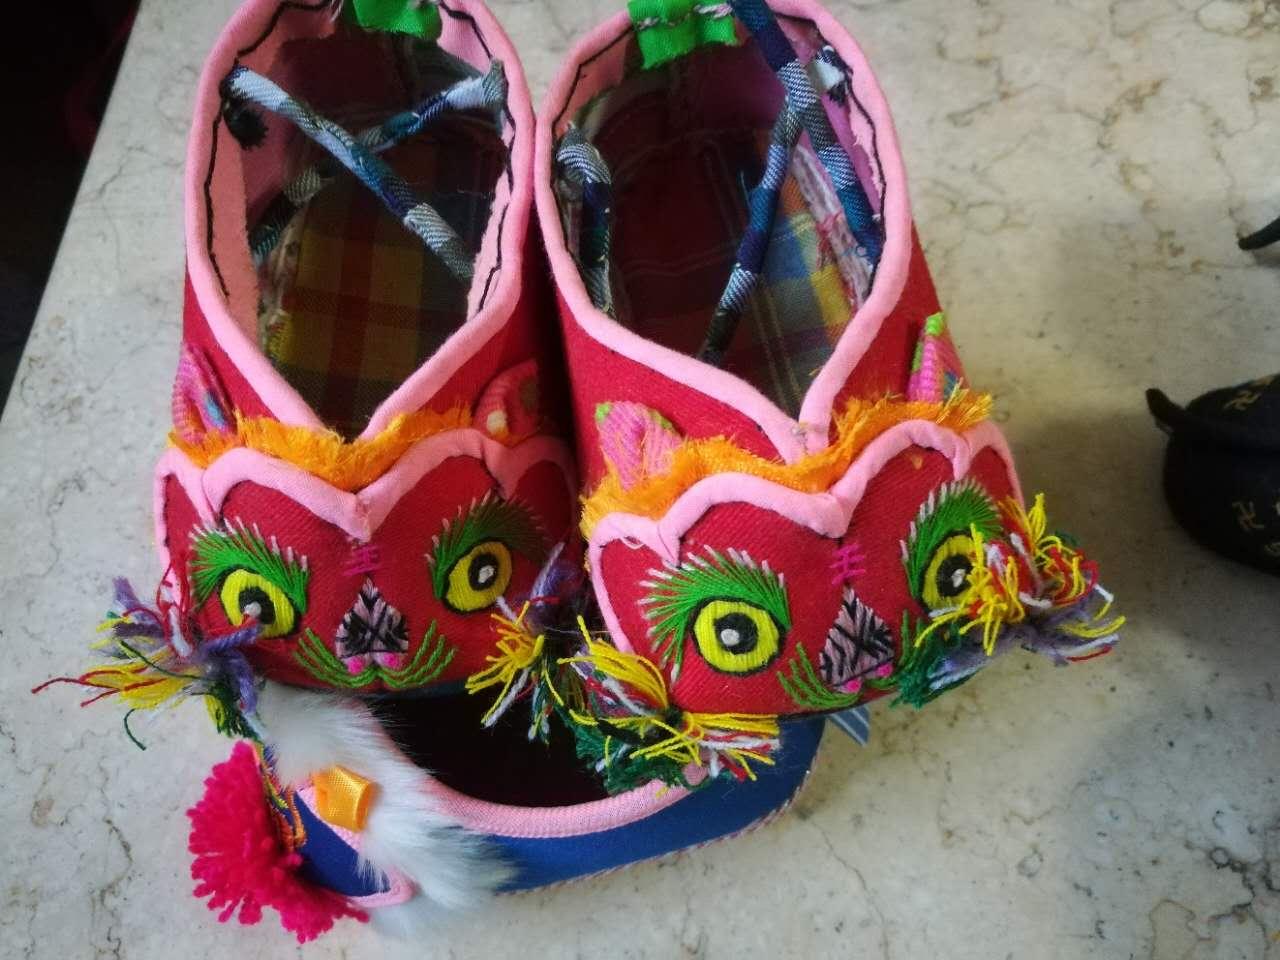 虎头鞋专卖、免费快递发货